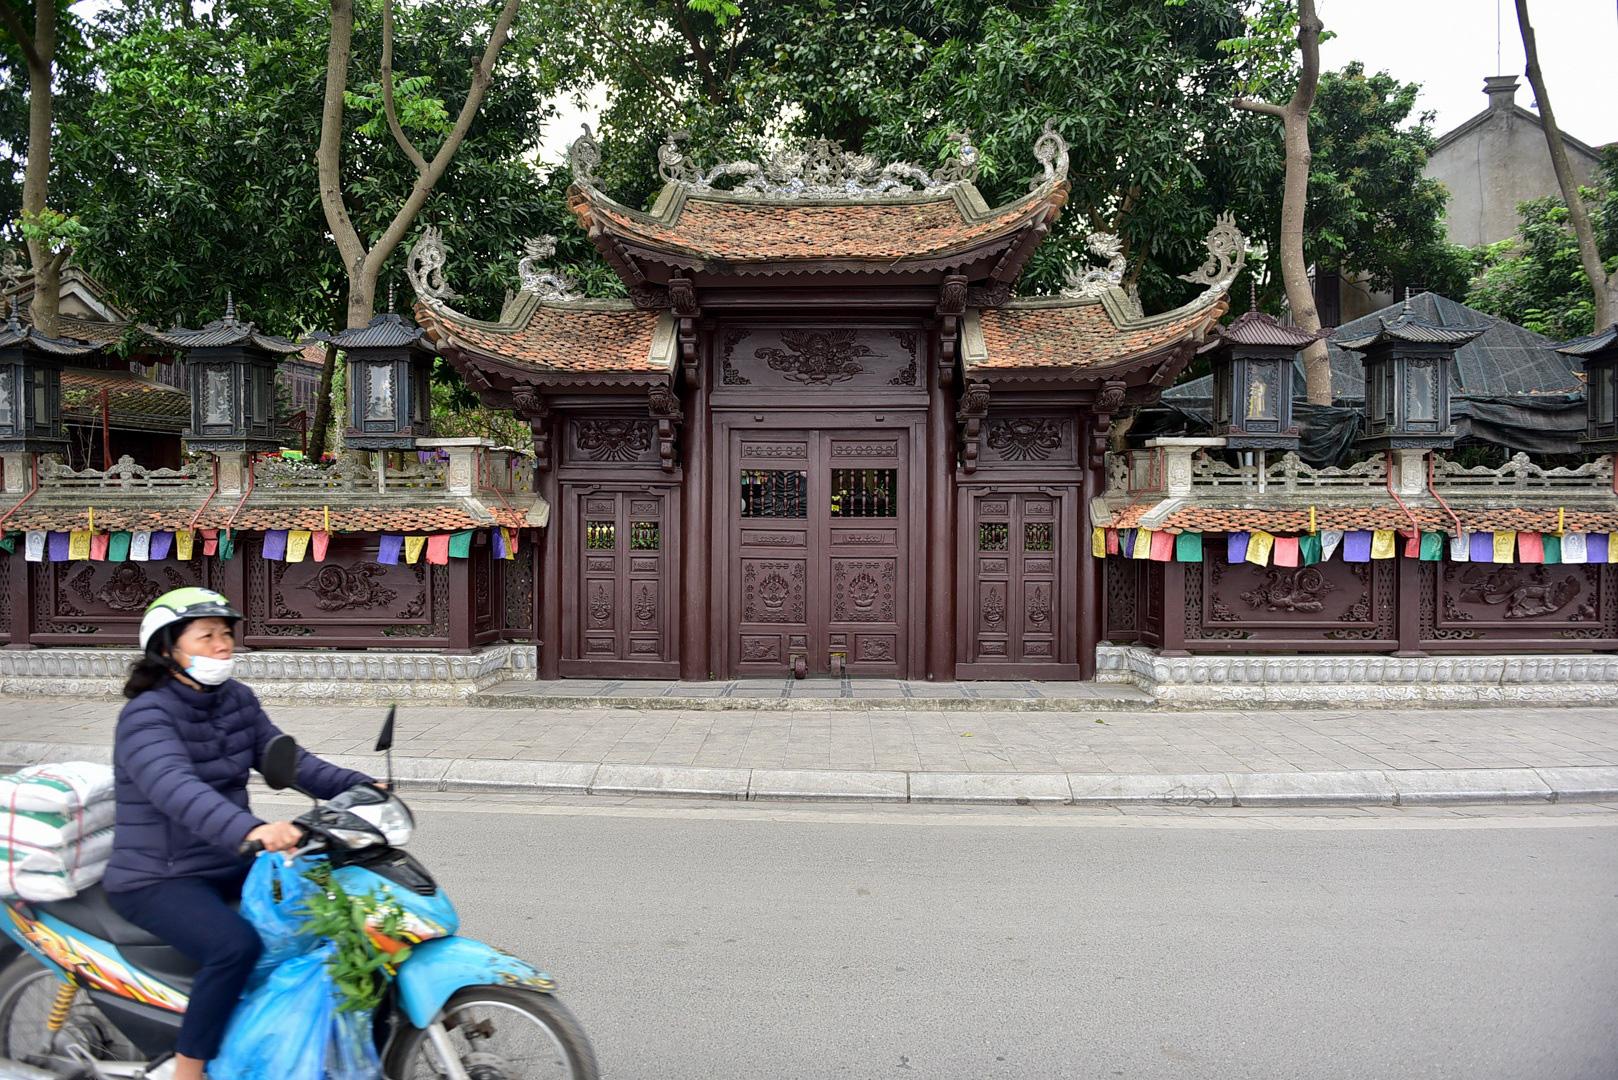 Tượng Phật từ đá quý nguyên khối trong ngôi chùa nghìn năm tuổi ở Hà Nội - Ảnh 11.